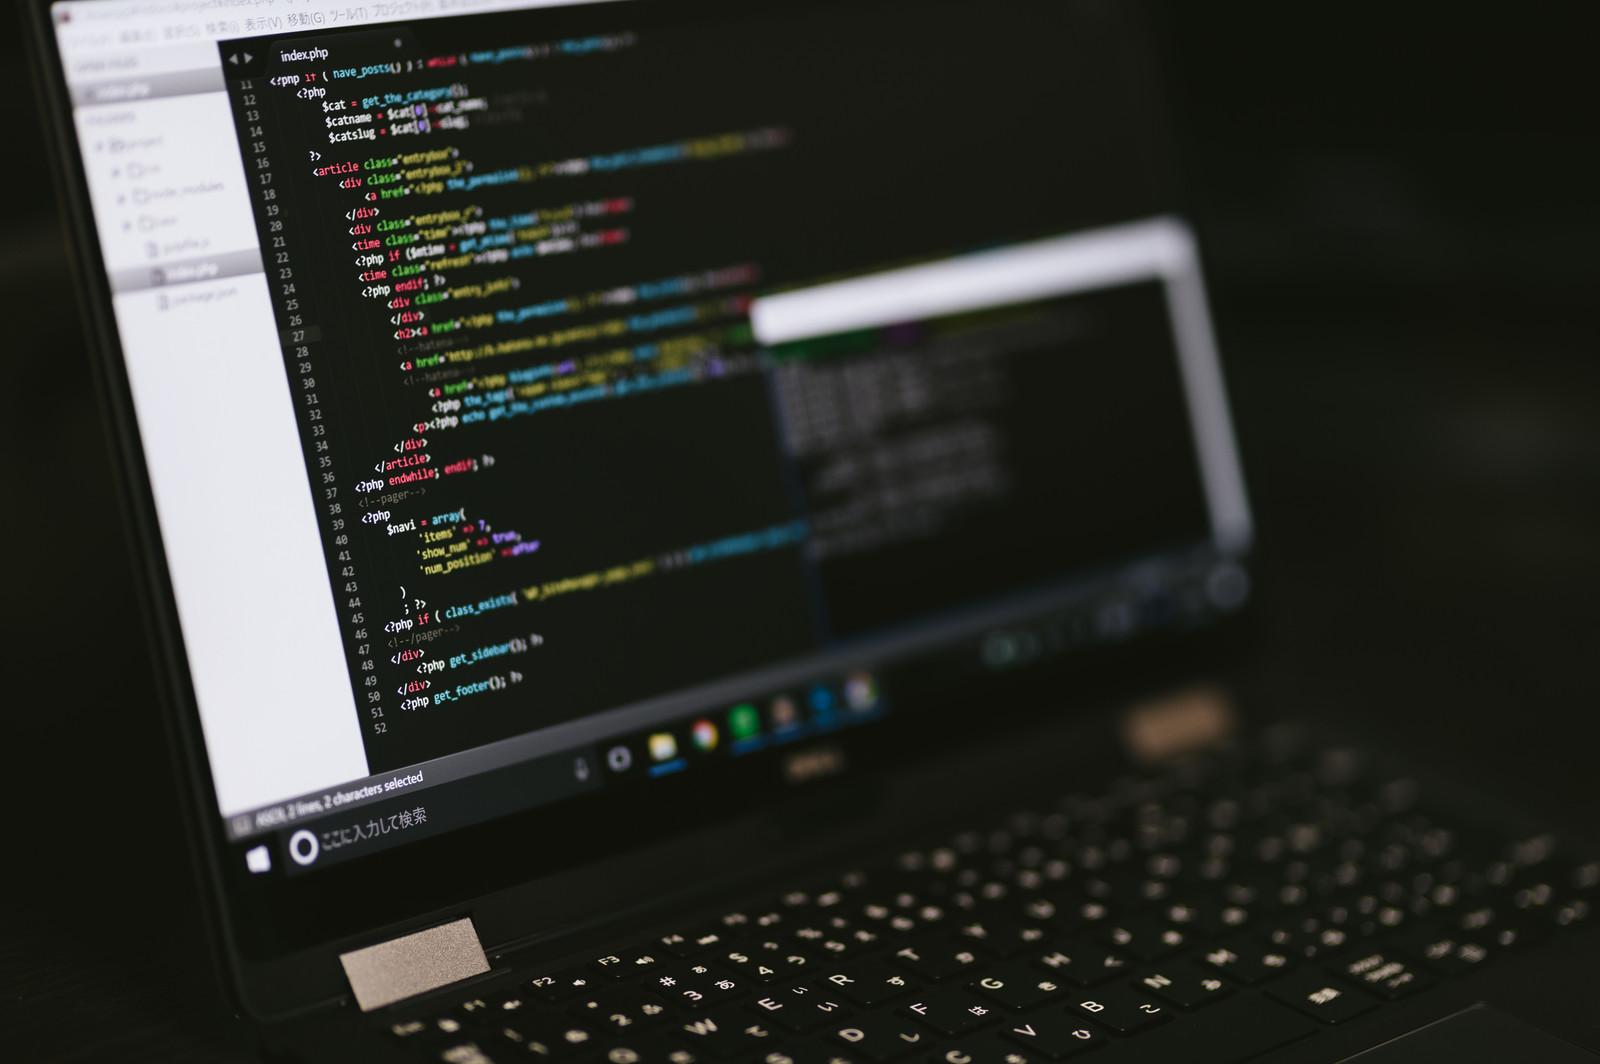 【どこまで伸びる?】IT業界の今後の成長を予想